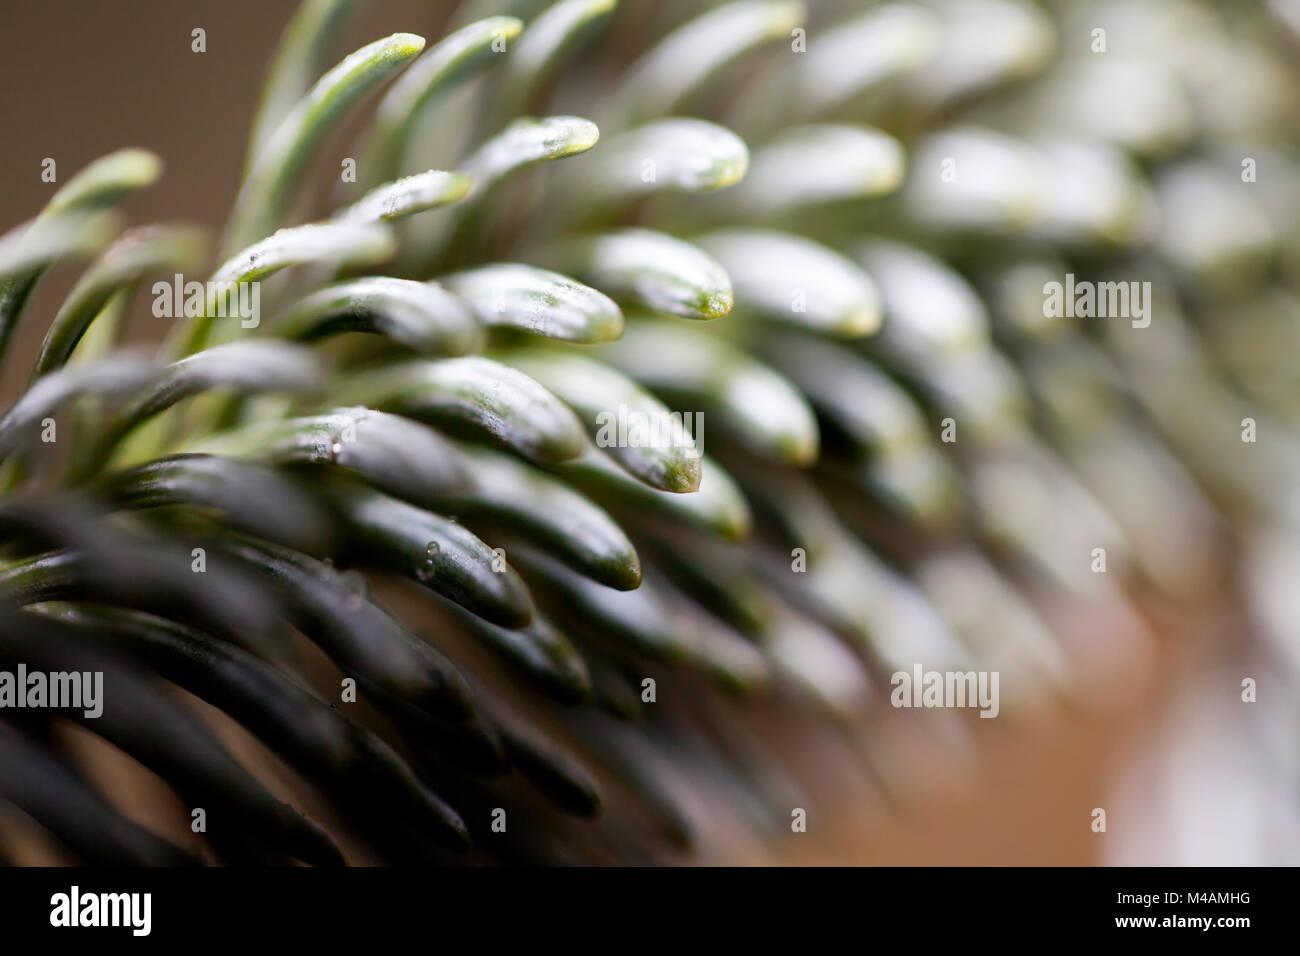 Detail of a Nordmann fir, Abies nordmanniana, - Stock Image